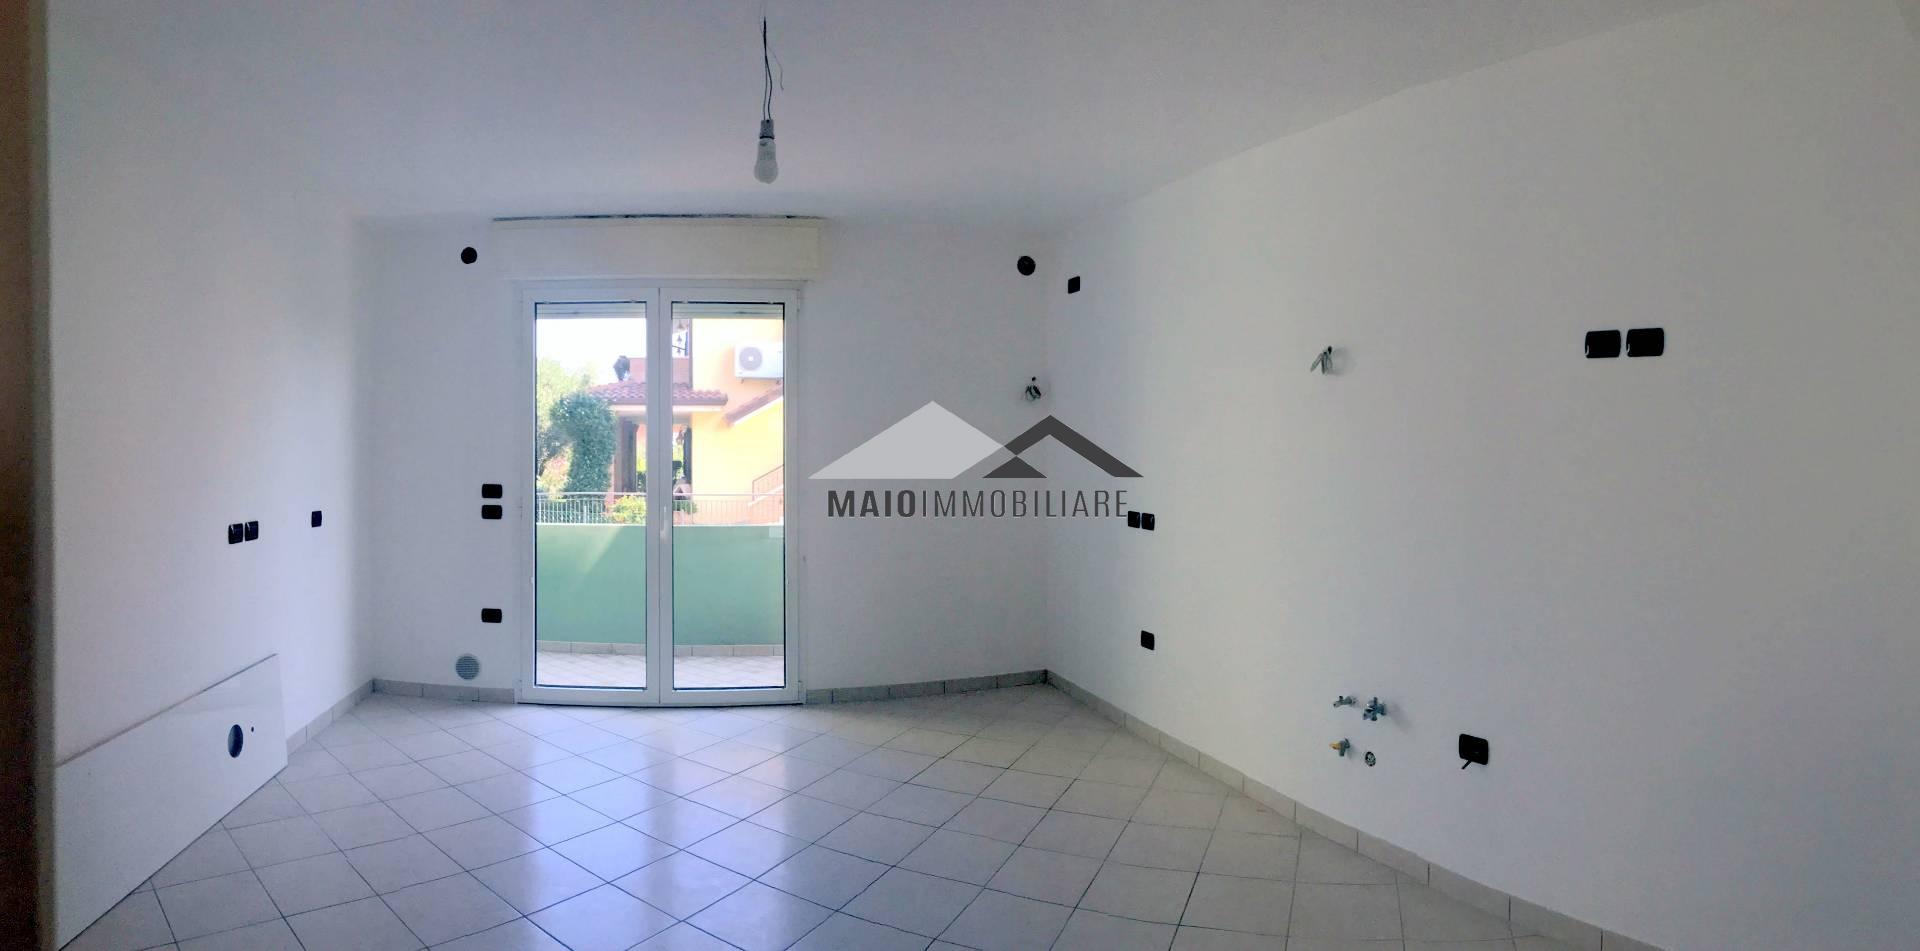 Villa a Schiera in vendita a Misano Adriatico, 5 locali, zona Località: LACELLA, prezzo € 259.000 | CambioCasa.it